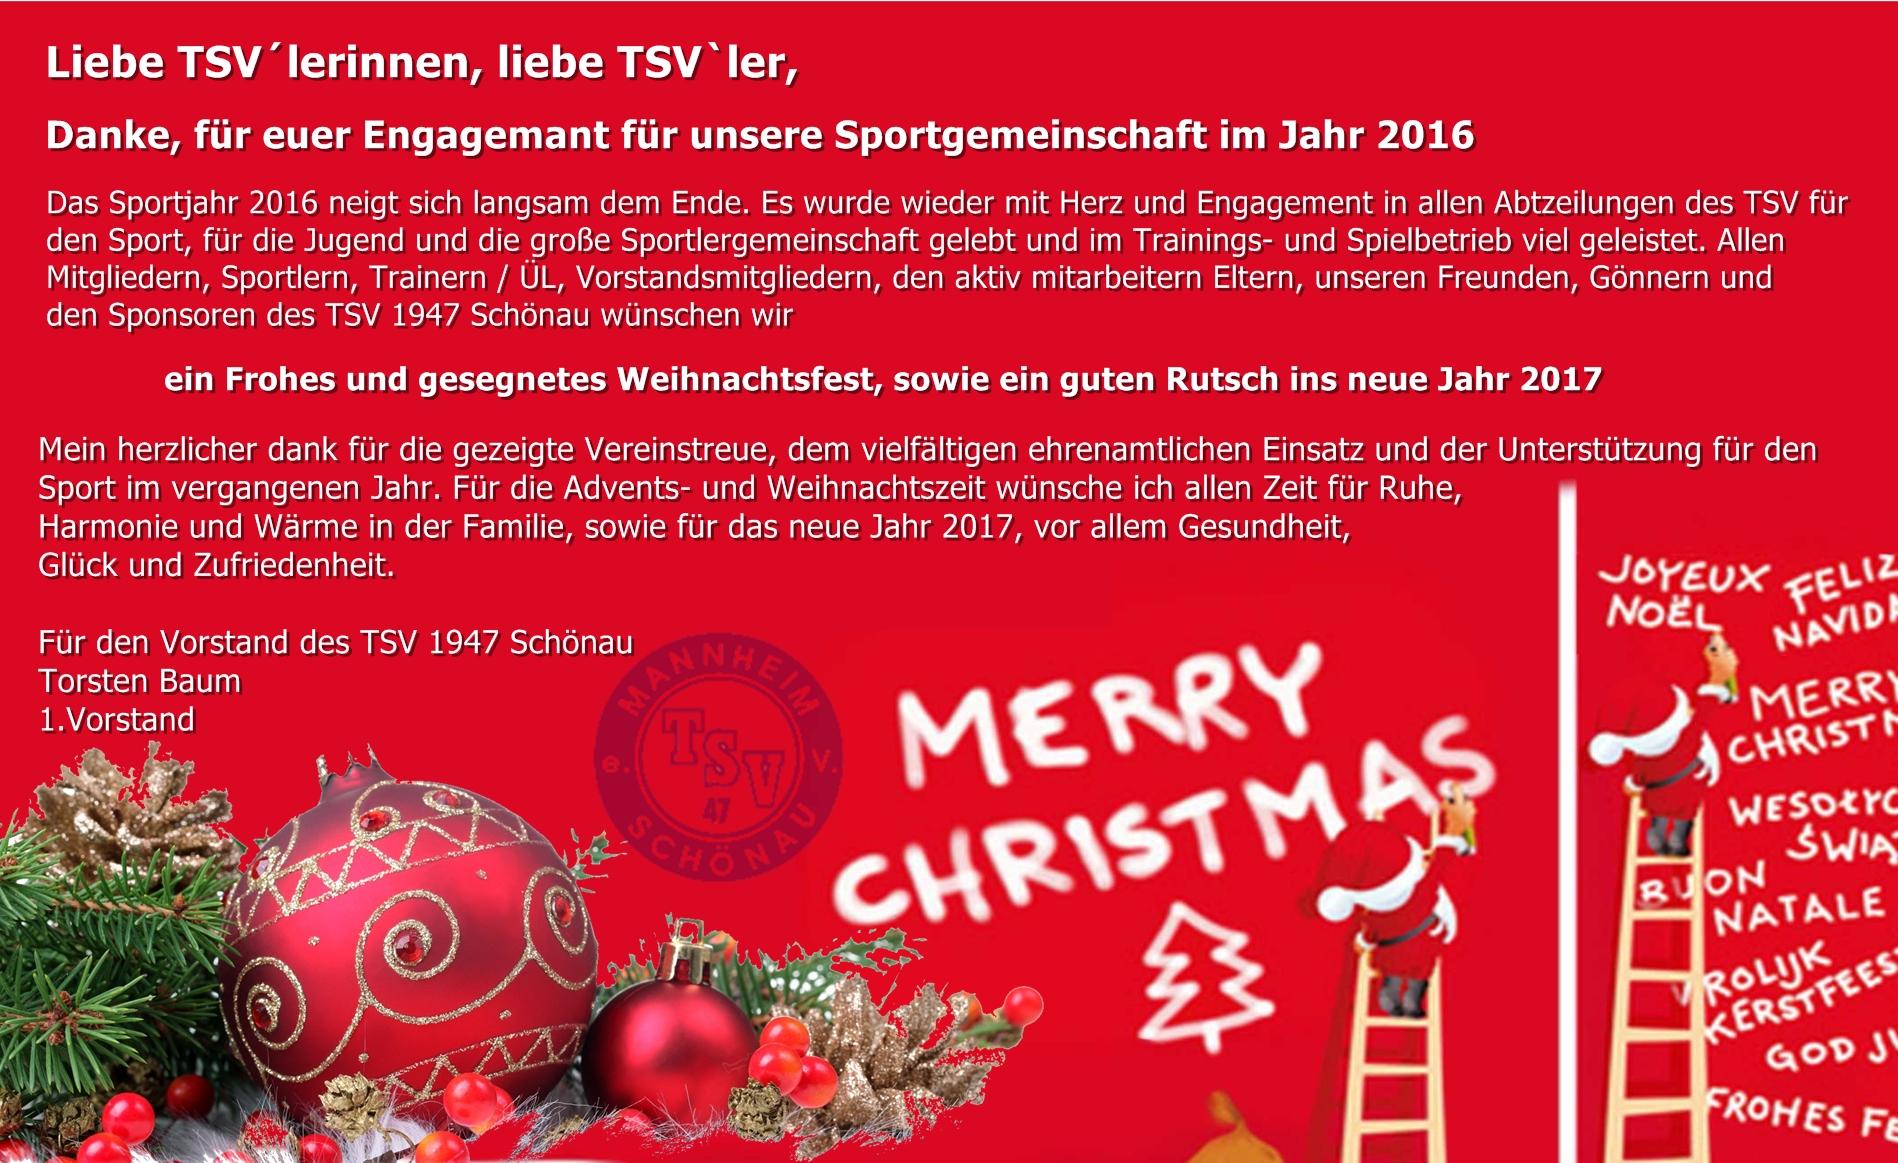 Weihnachtsgrüße An Eltern.Weihnachtsgrüße Von Torsten Baum Tsv 1947 Mannheim Schönau E V